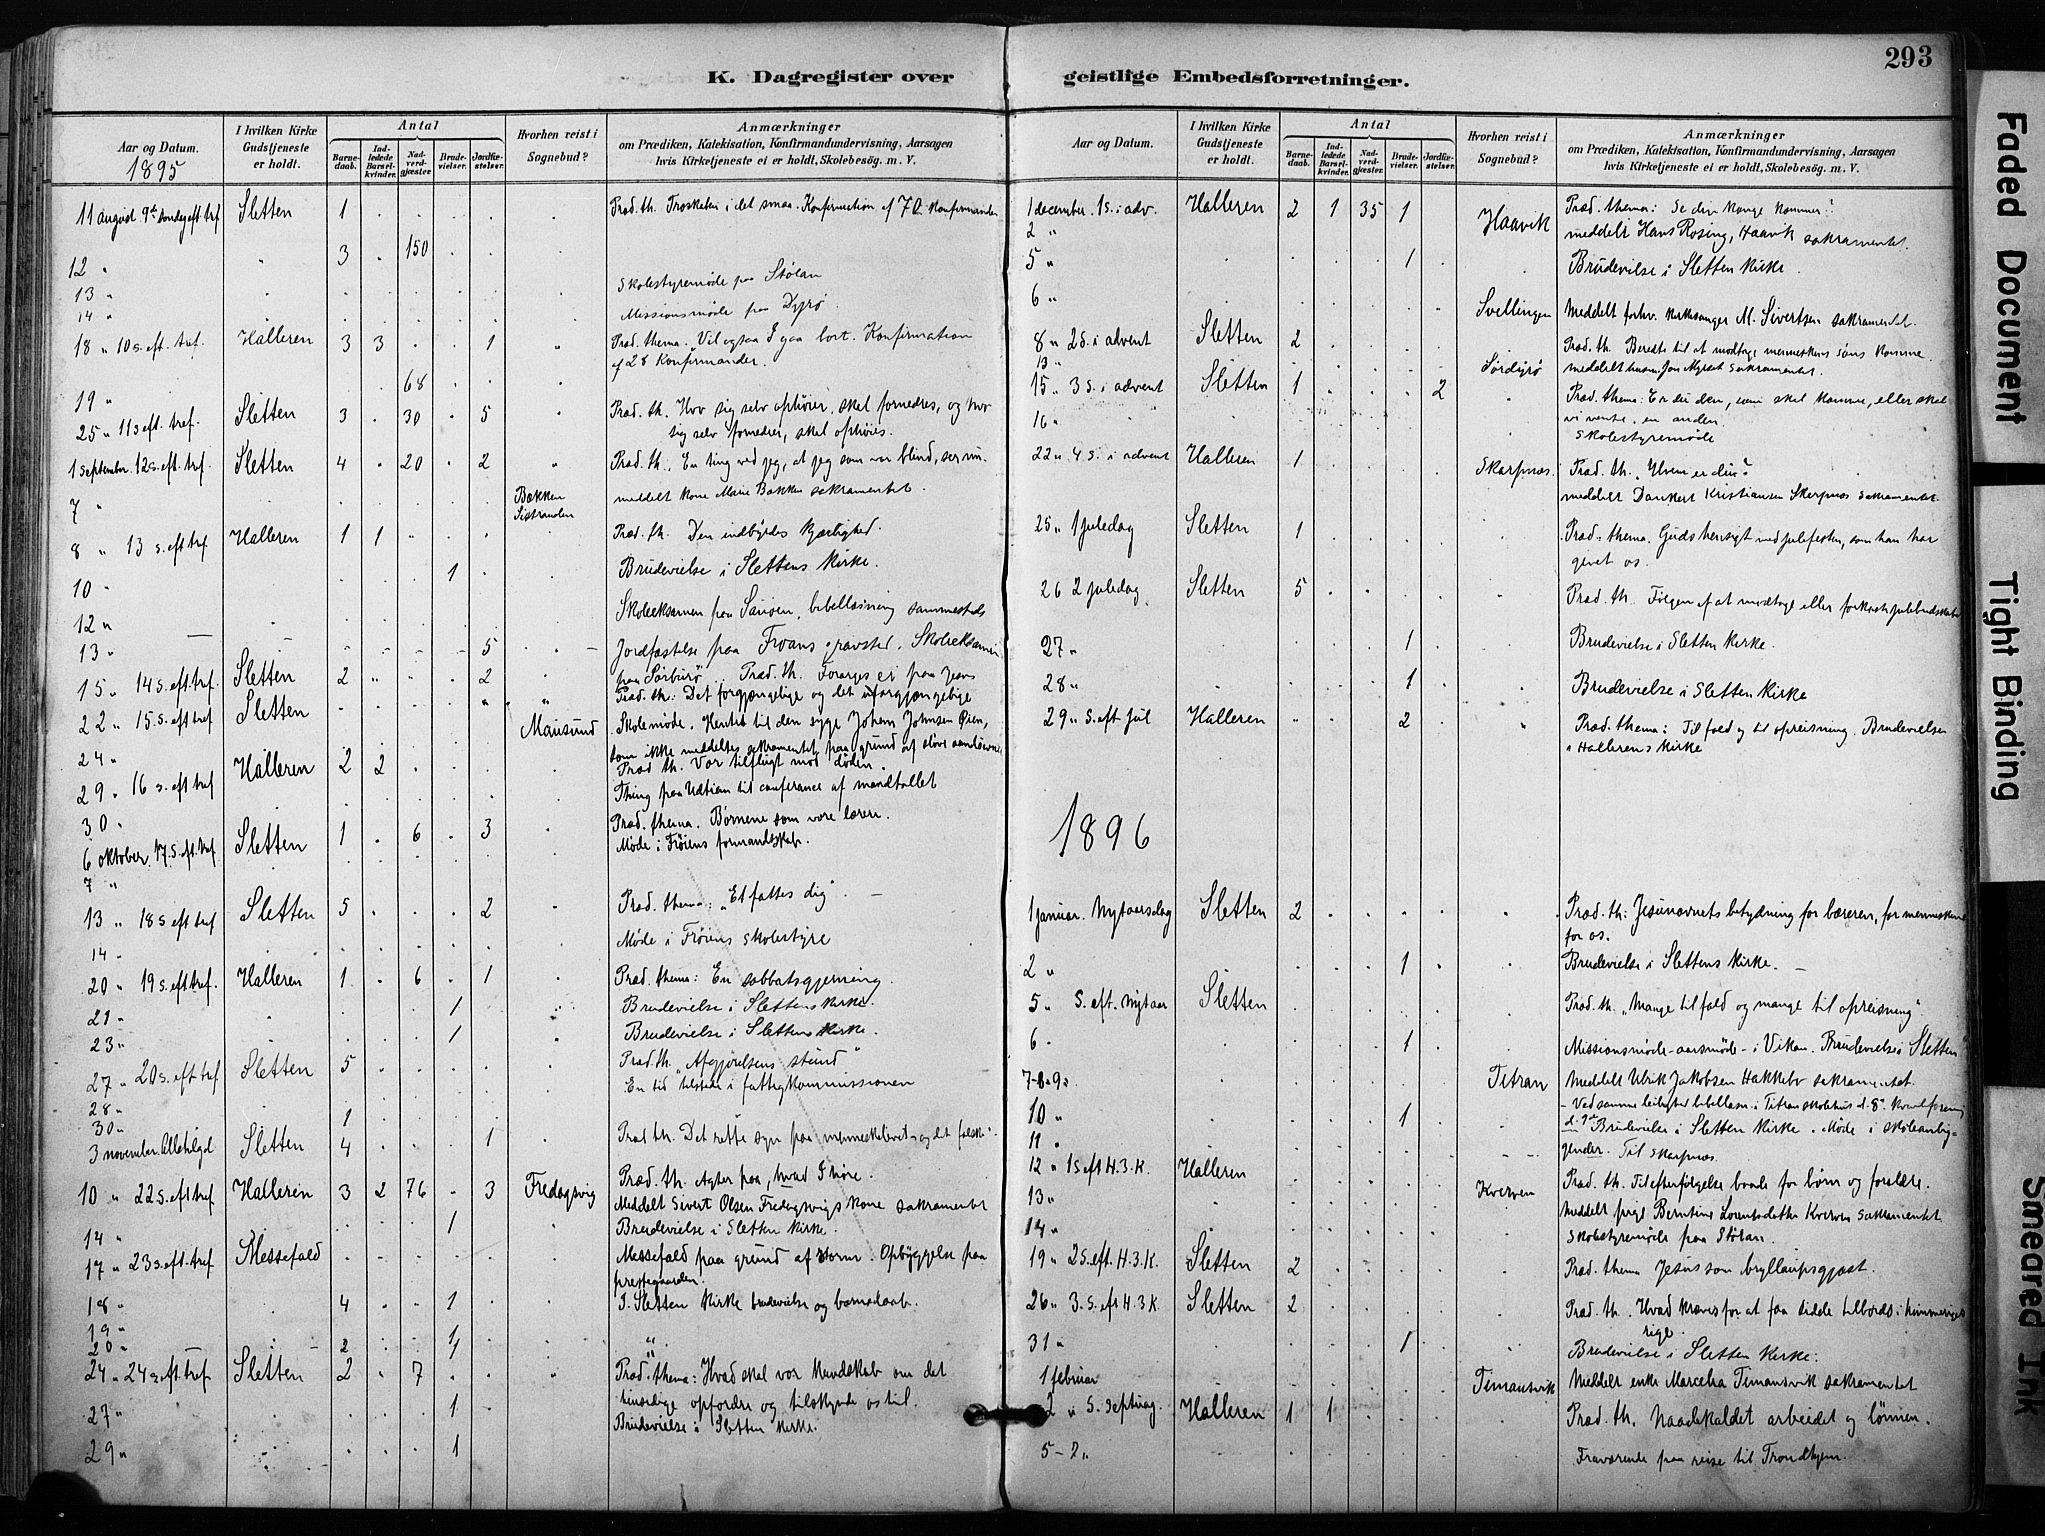 SAT, Ministerialprotokoller, klokkerbøker og fødselsregistre - Sør-Trøndelag, 640/L0579: Ministerialbok nr. 640A04, 1889-1902, s. 293